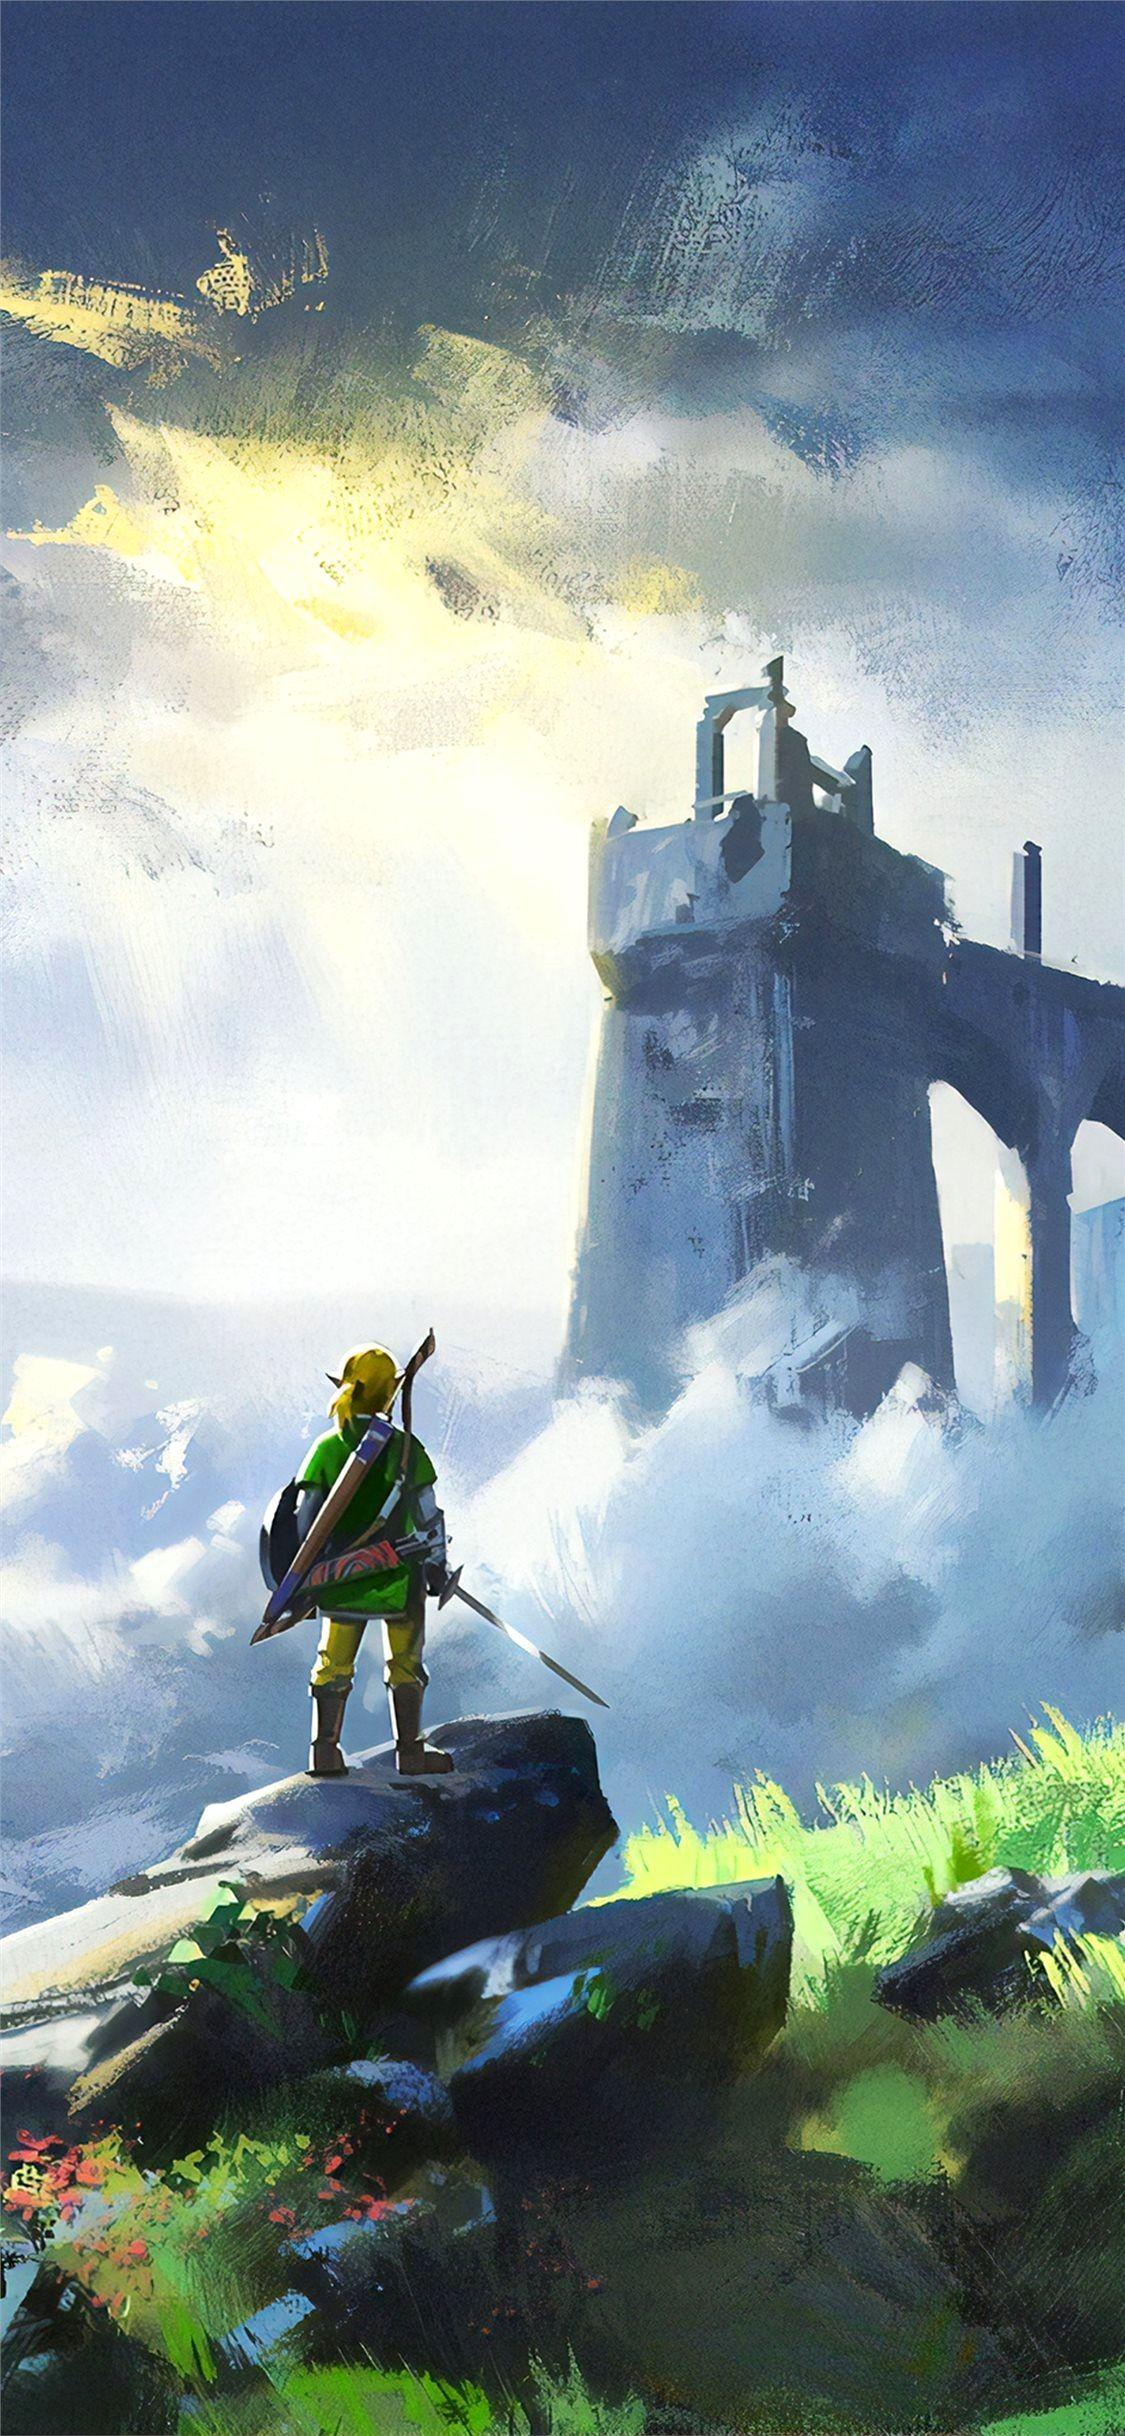 Zelda Wallpaper 4k Iphone Gallery Iphone Wallpaper Zelda Zelda Breath Of Wild Adventure Time Wallpaper